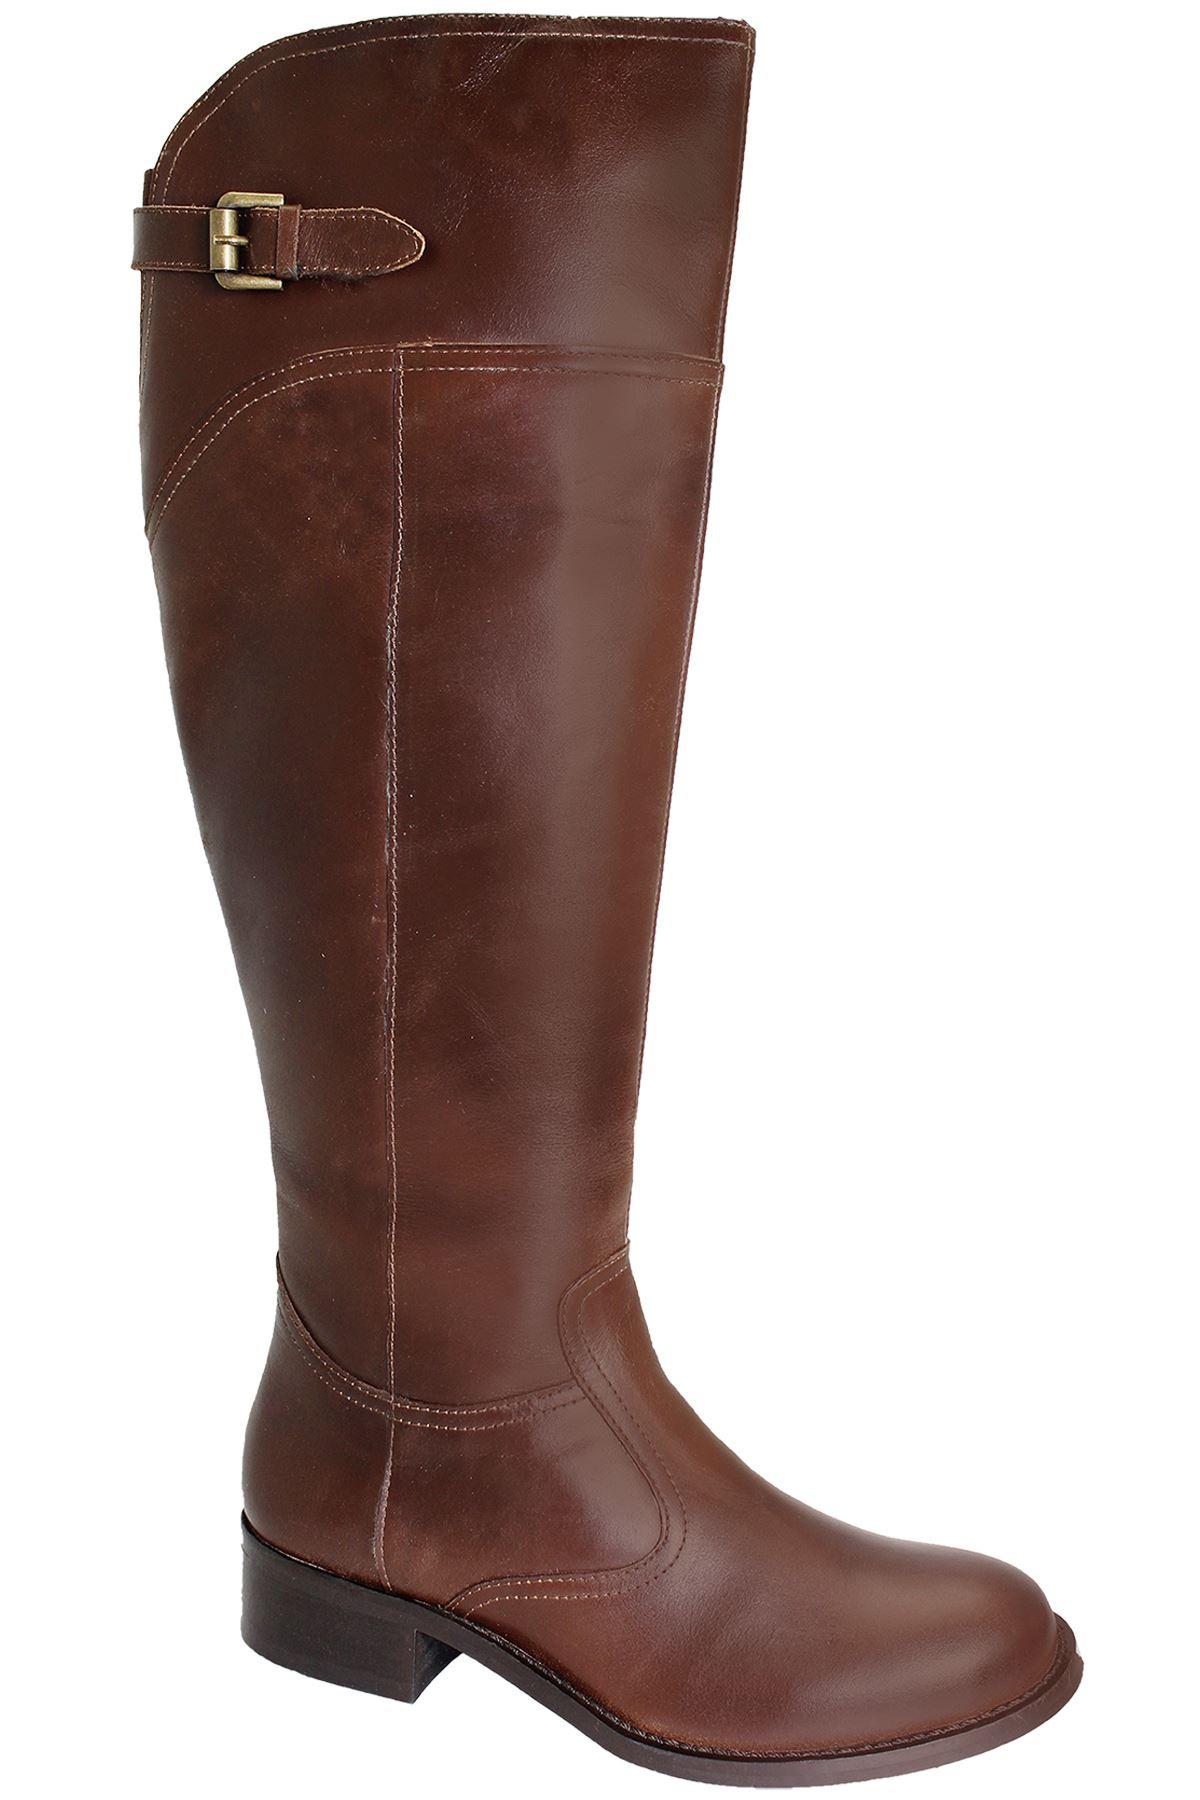 DONNA S Tacco da moto scarpe donna donna donna al ginocchio vera pelle stivali   daf507